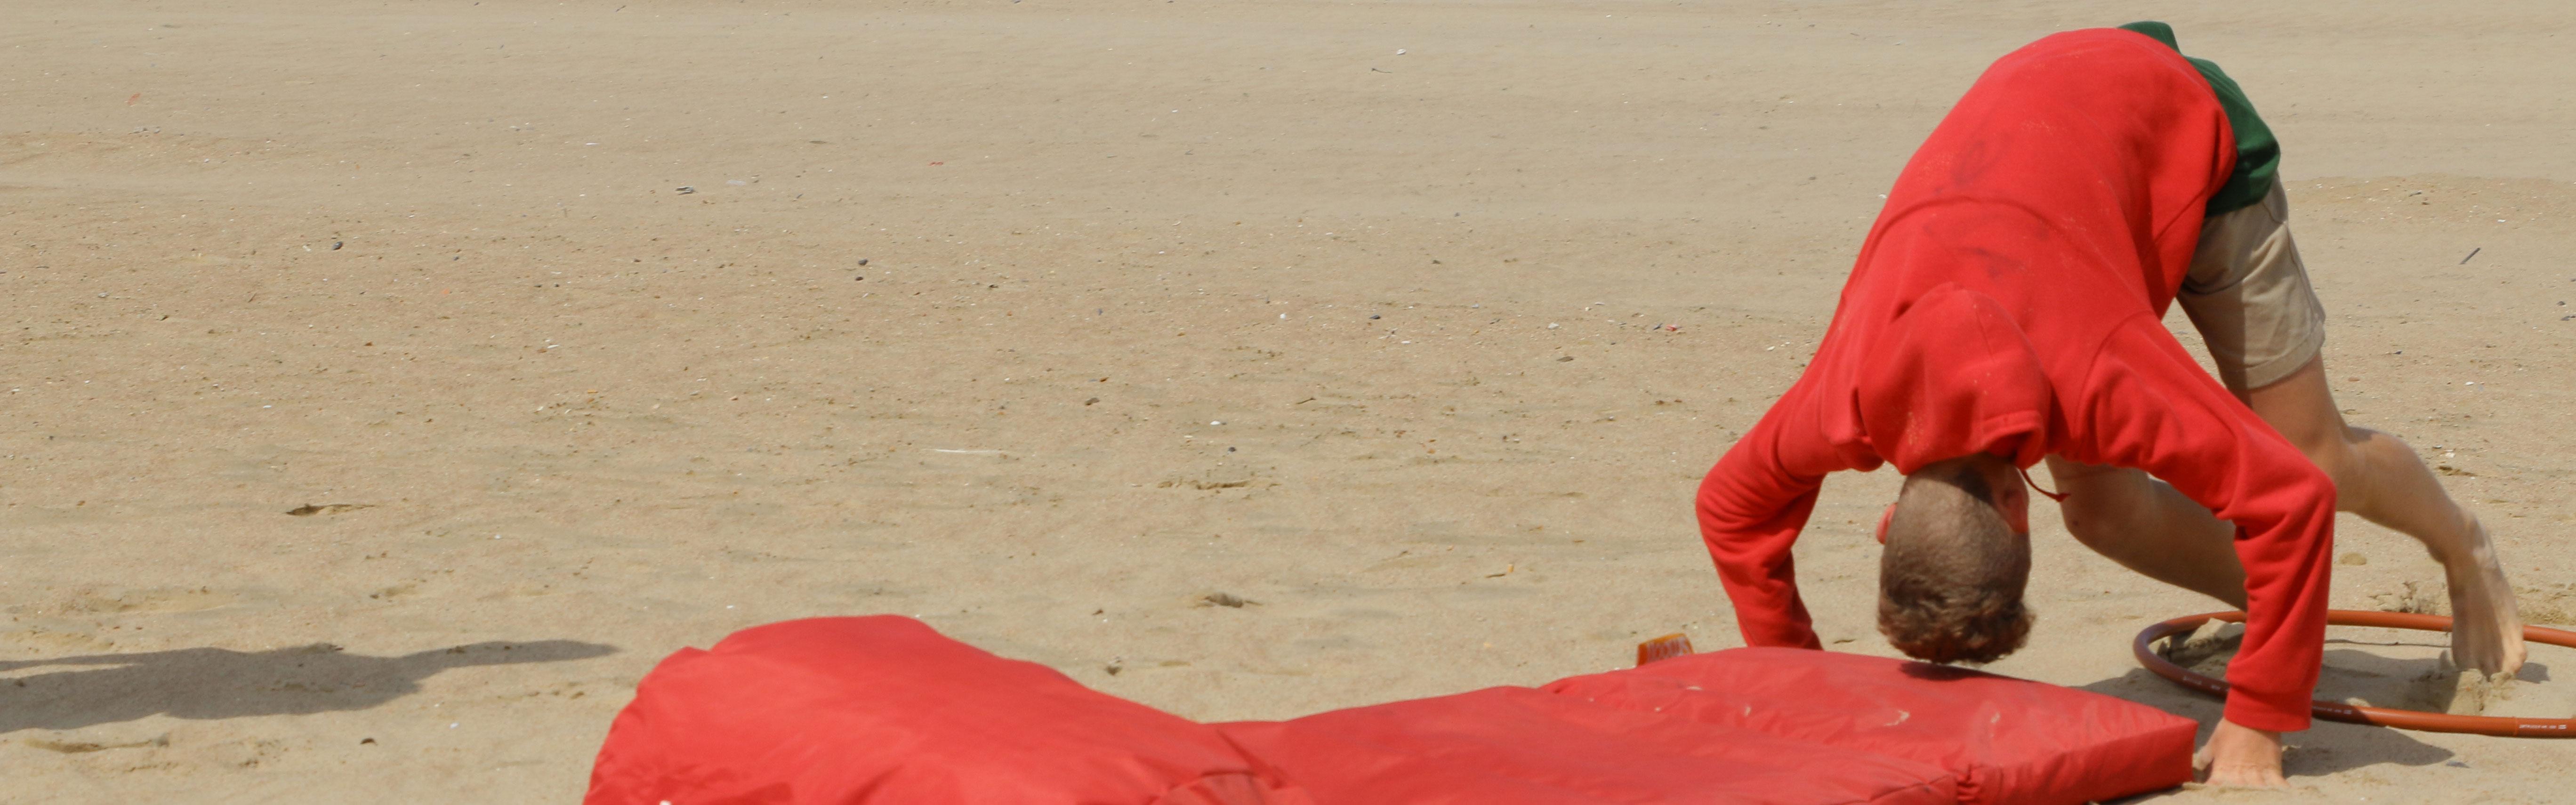 Strandspelenheader